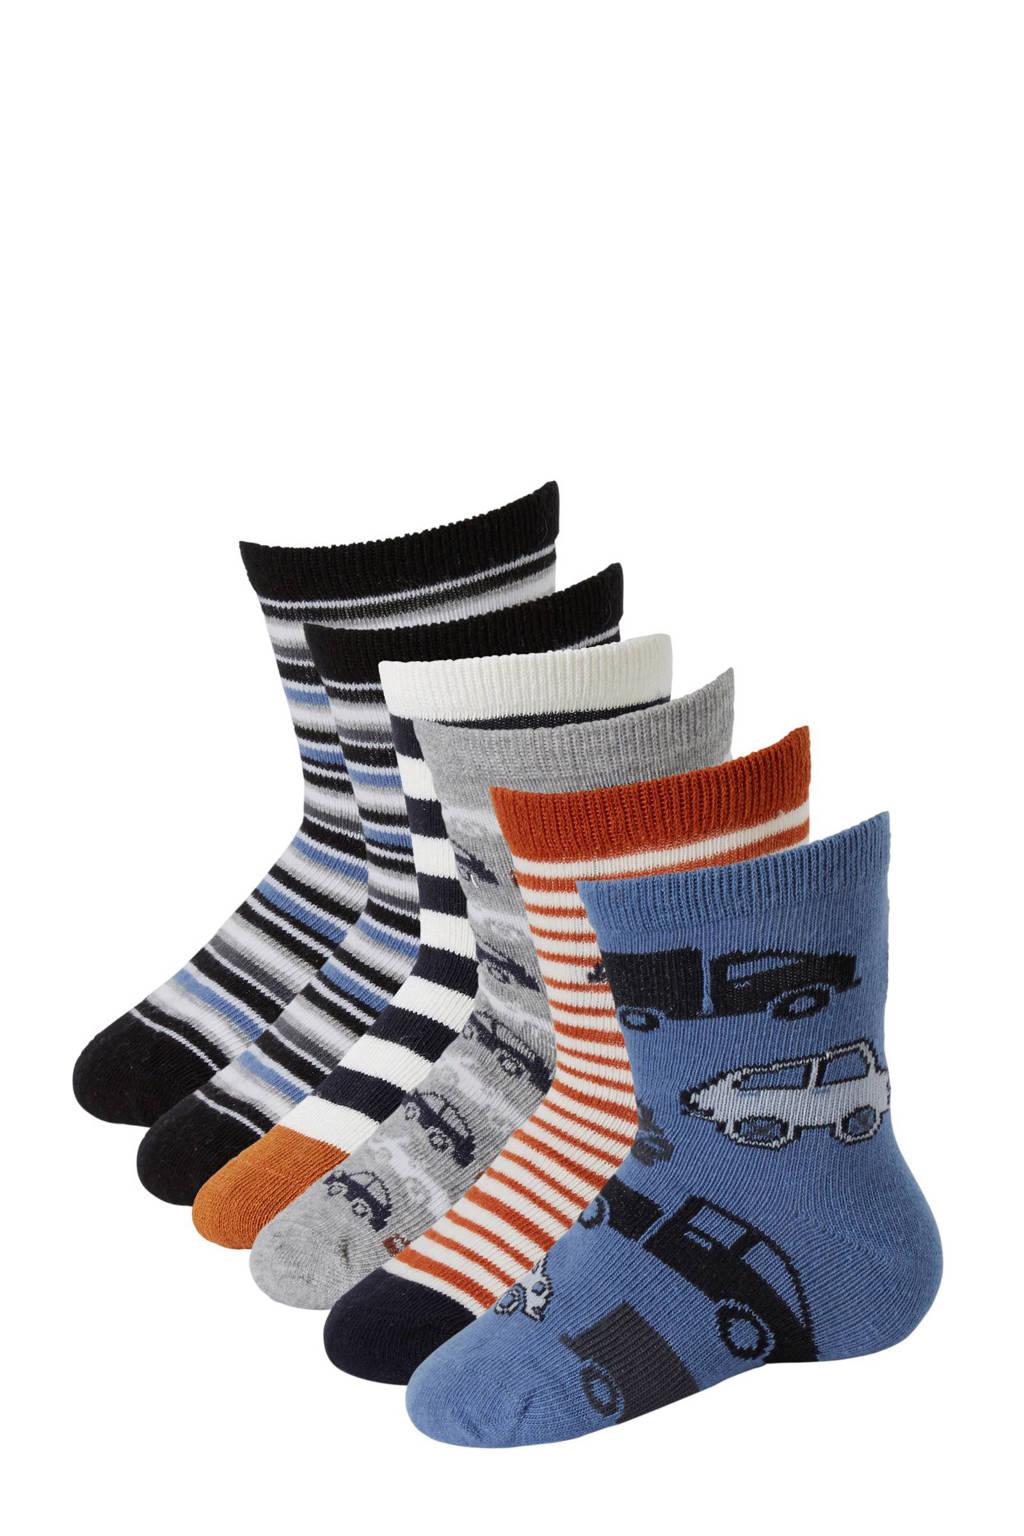 Apollo baby sokken (6 paar), Grijs/blauw/bruin